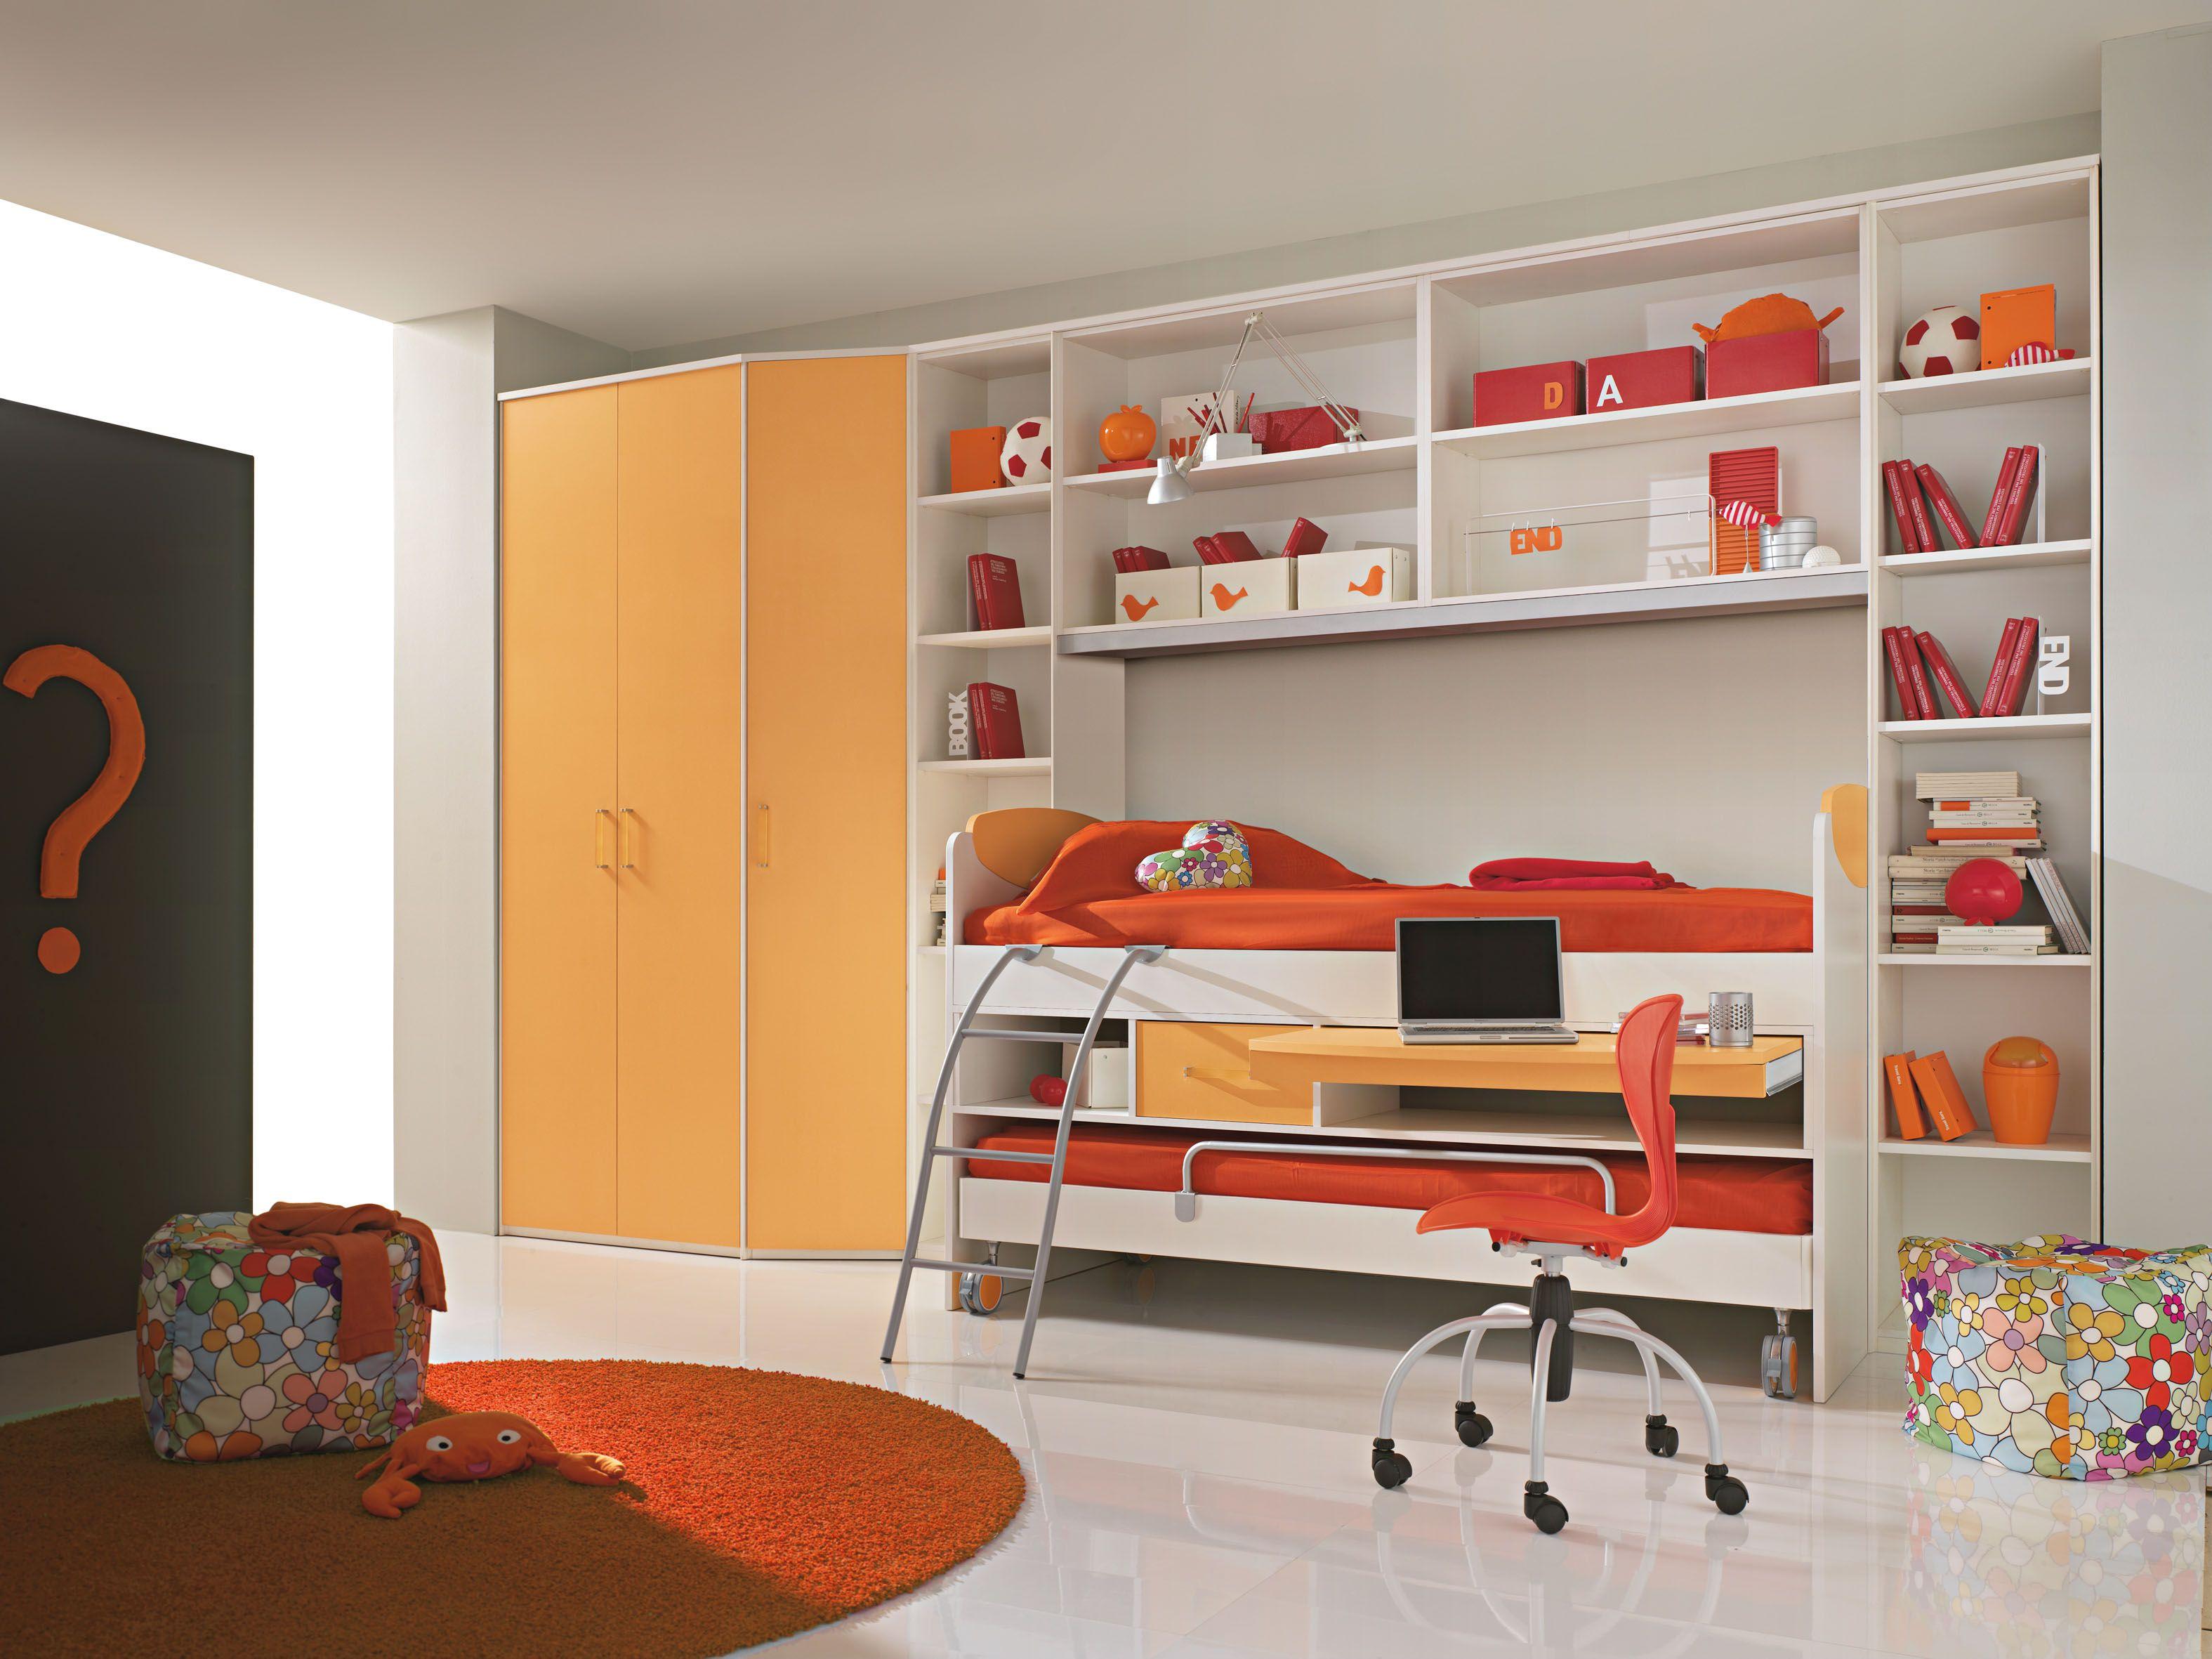 Bunk Beds Cool bunk beds, Bunk beds